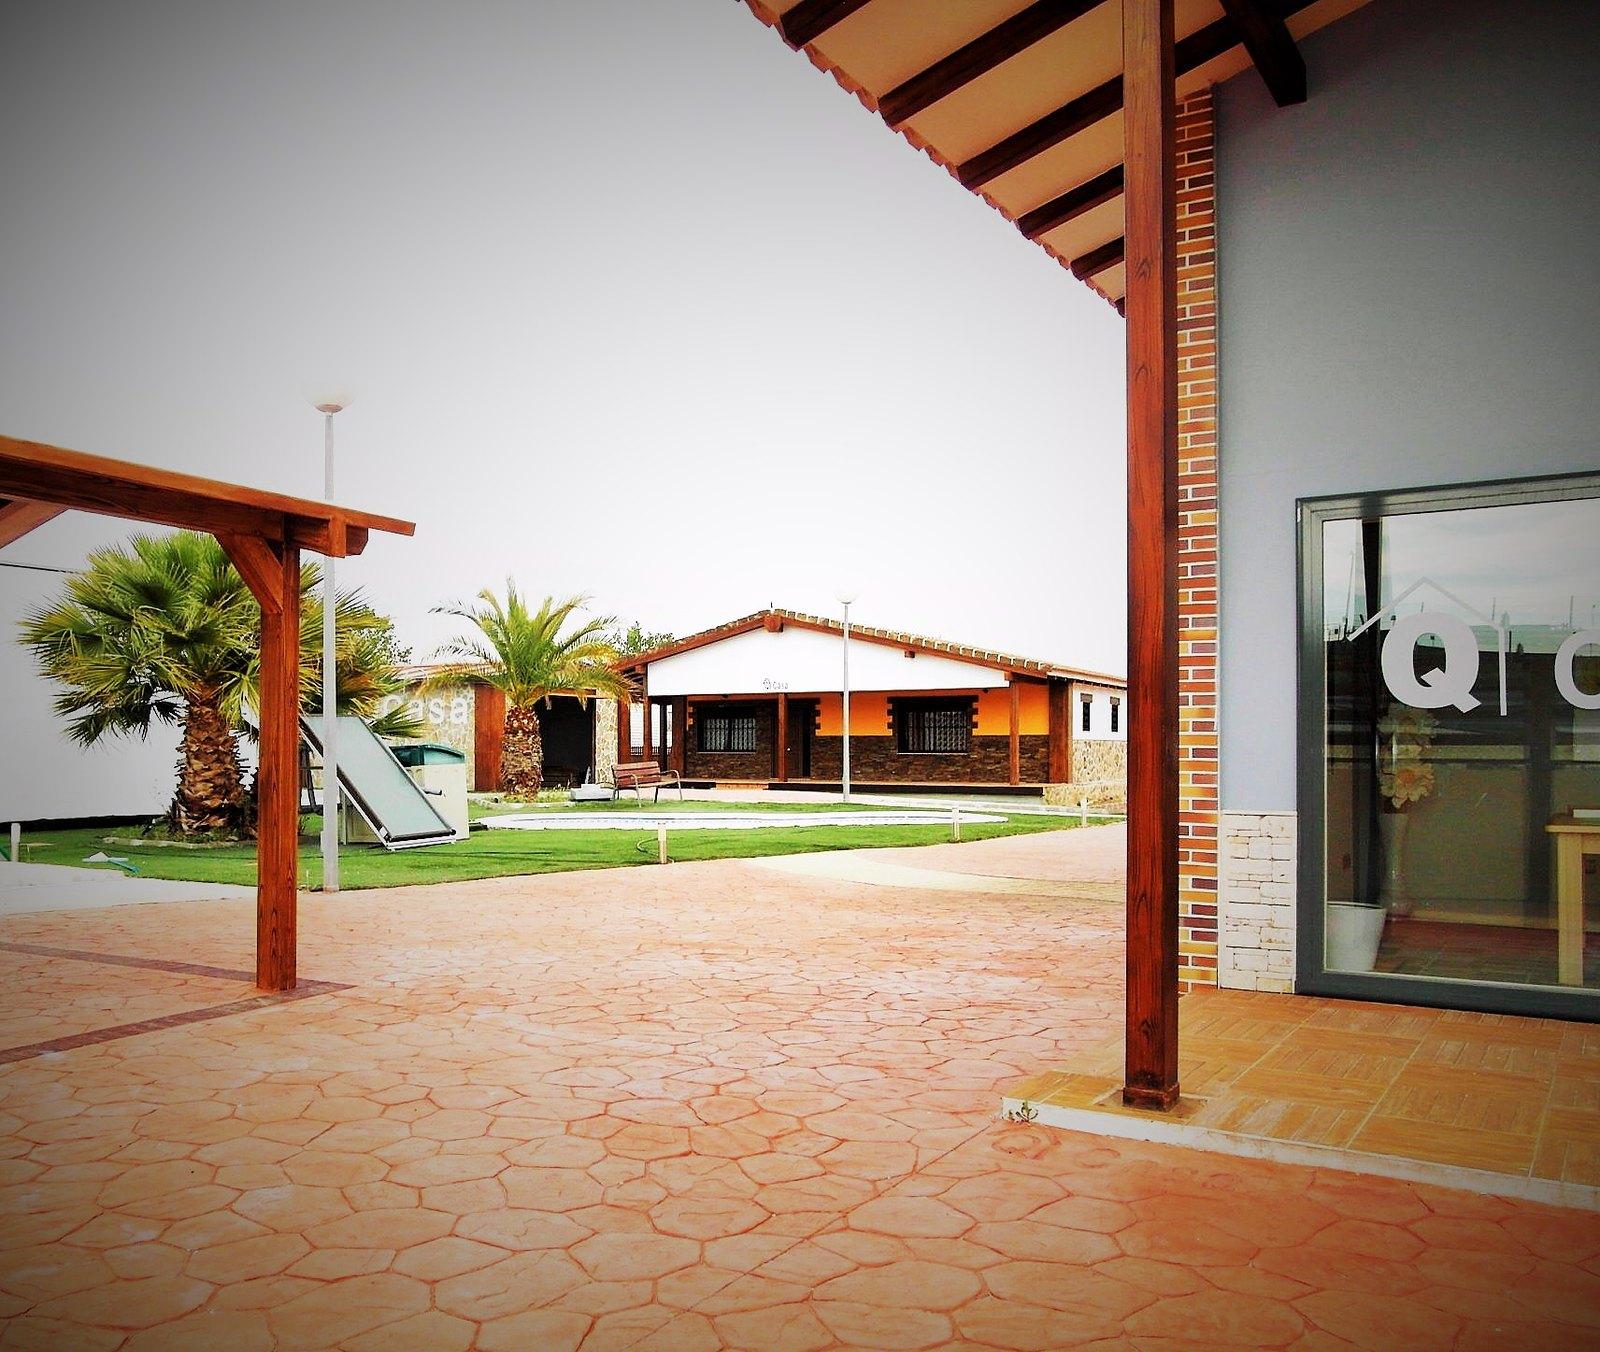 Casas de acero y hormigon casas prefabricadas flickr - Casas de acero prefabricadas ...